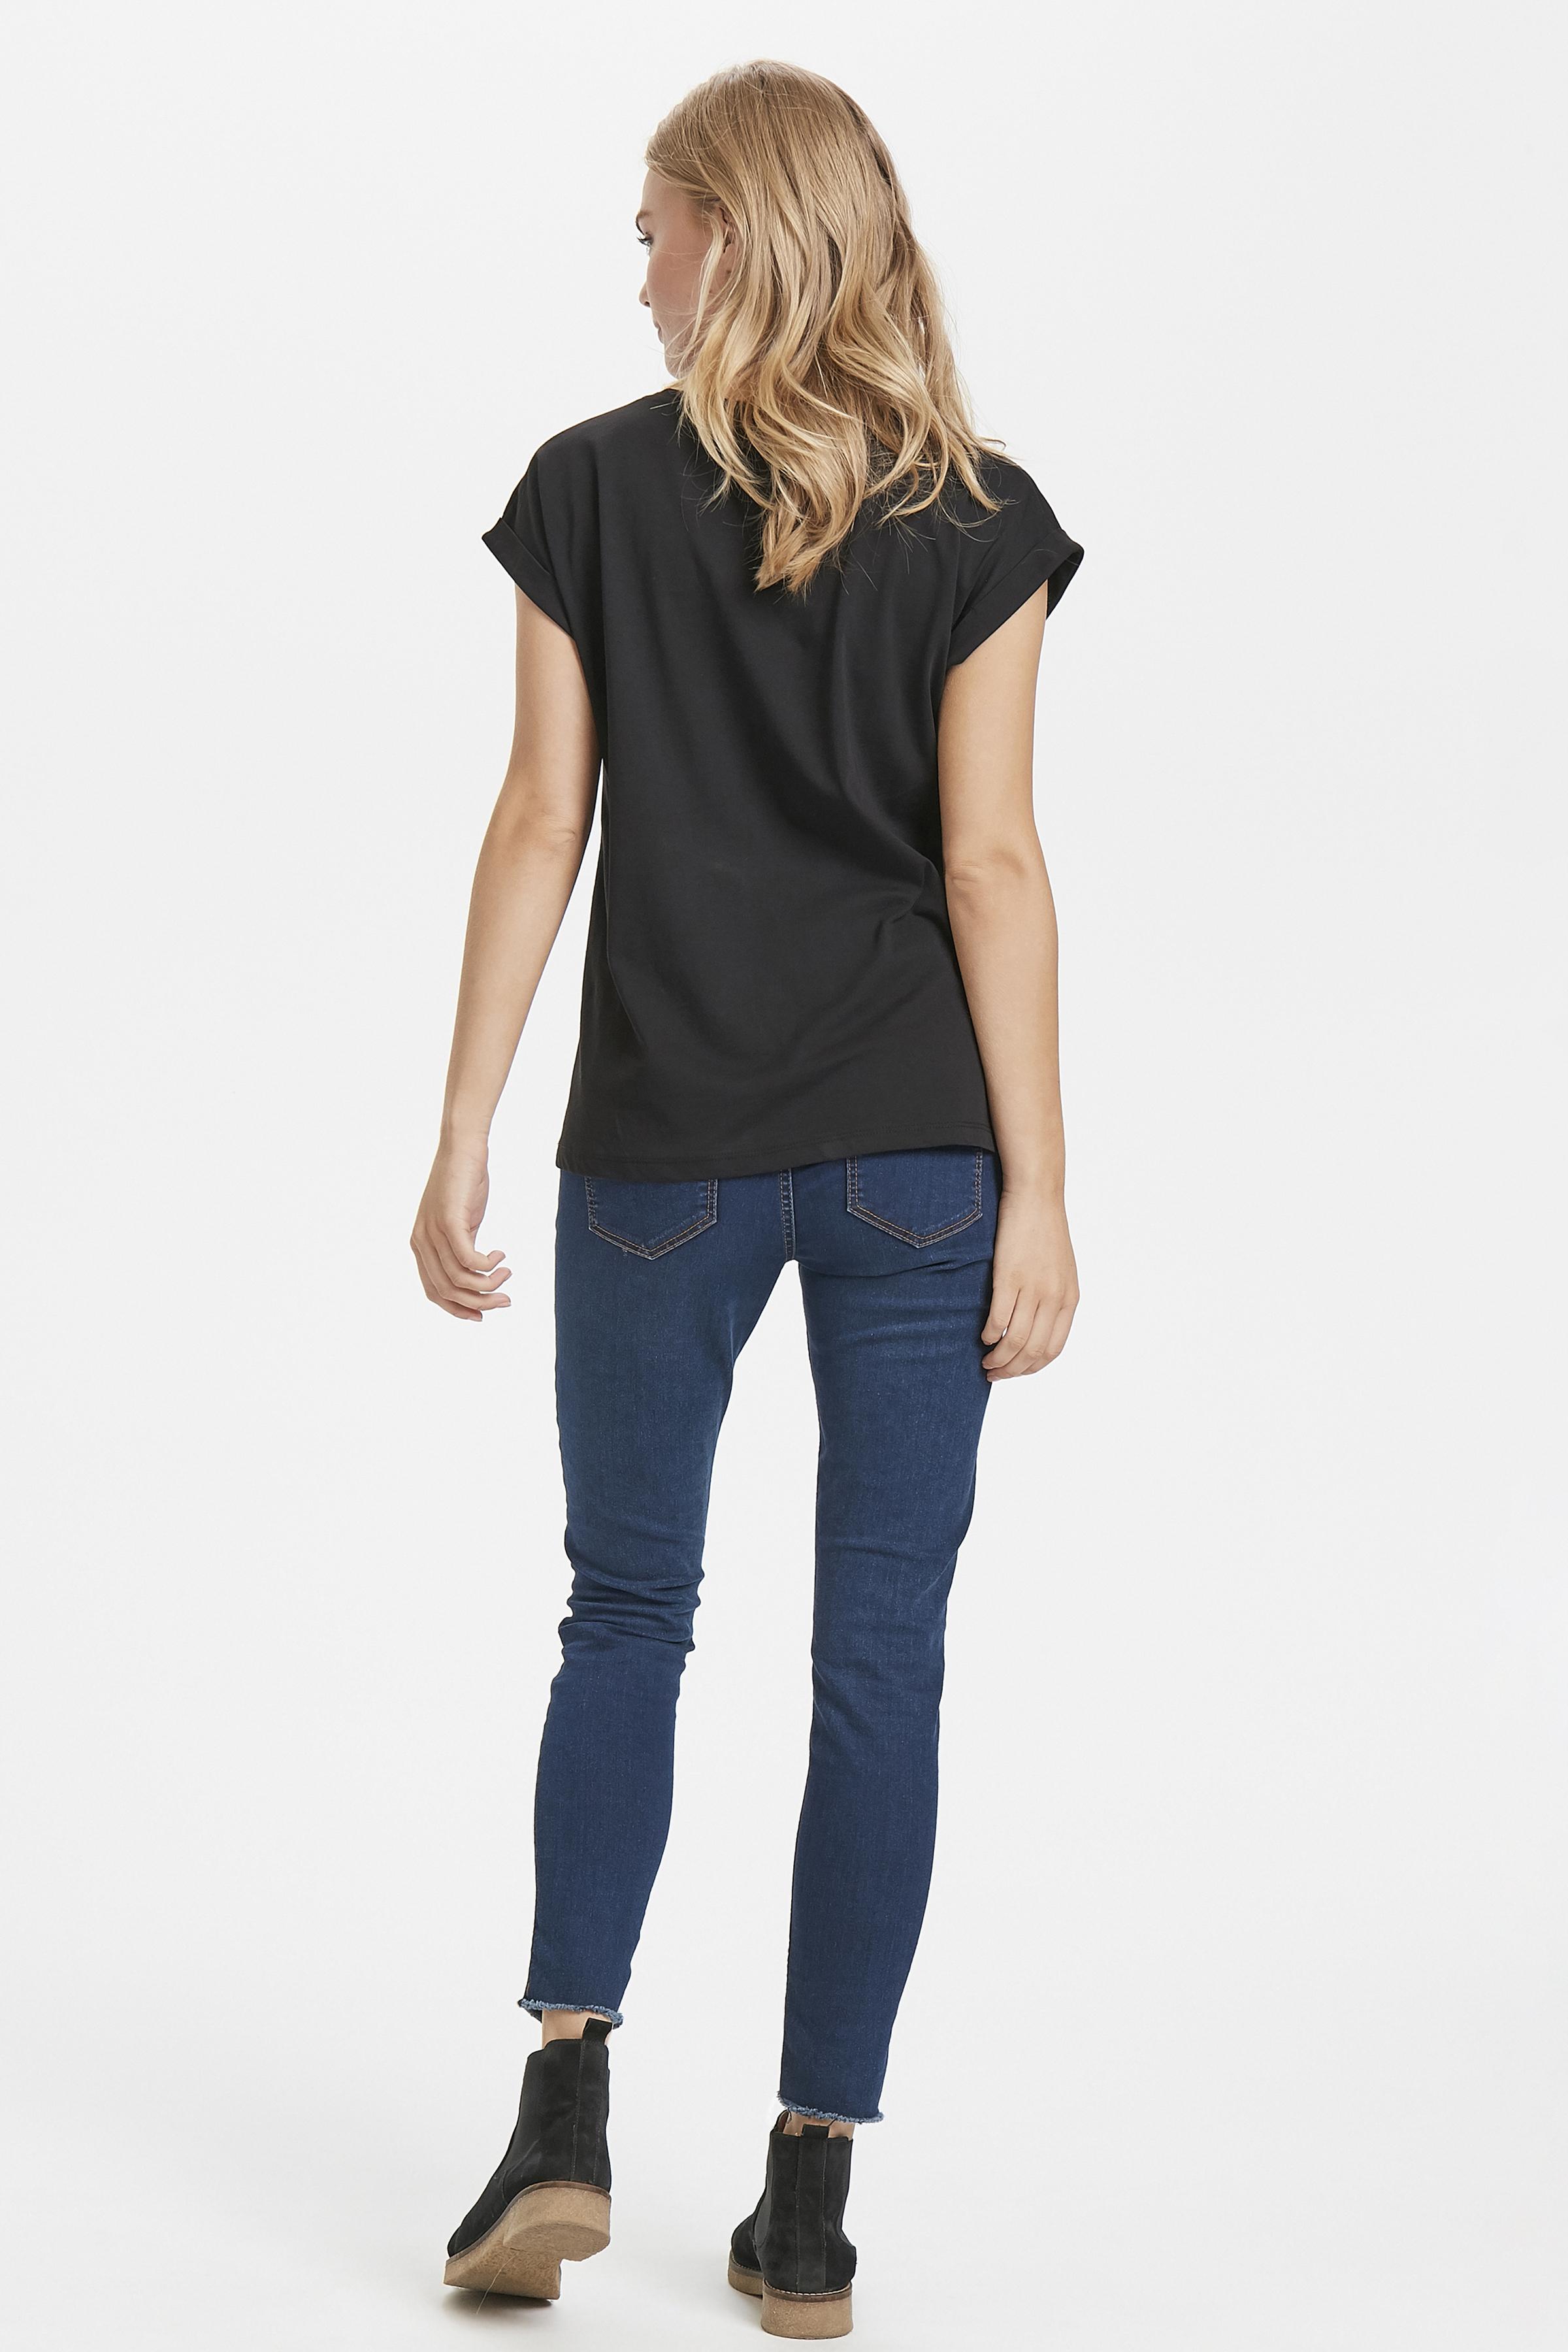 Zwart/goud T-shirt korte mouw van Kaffe – Door Zwart/goud T-shirt korte mouw van maat. XS-XXL hier